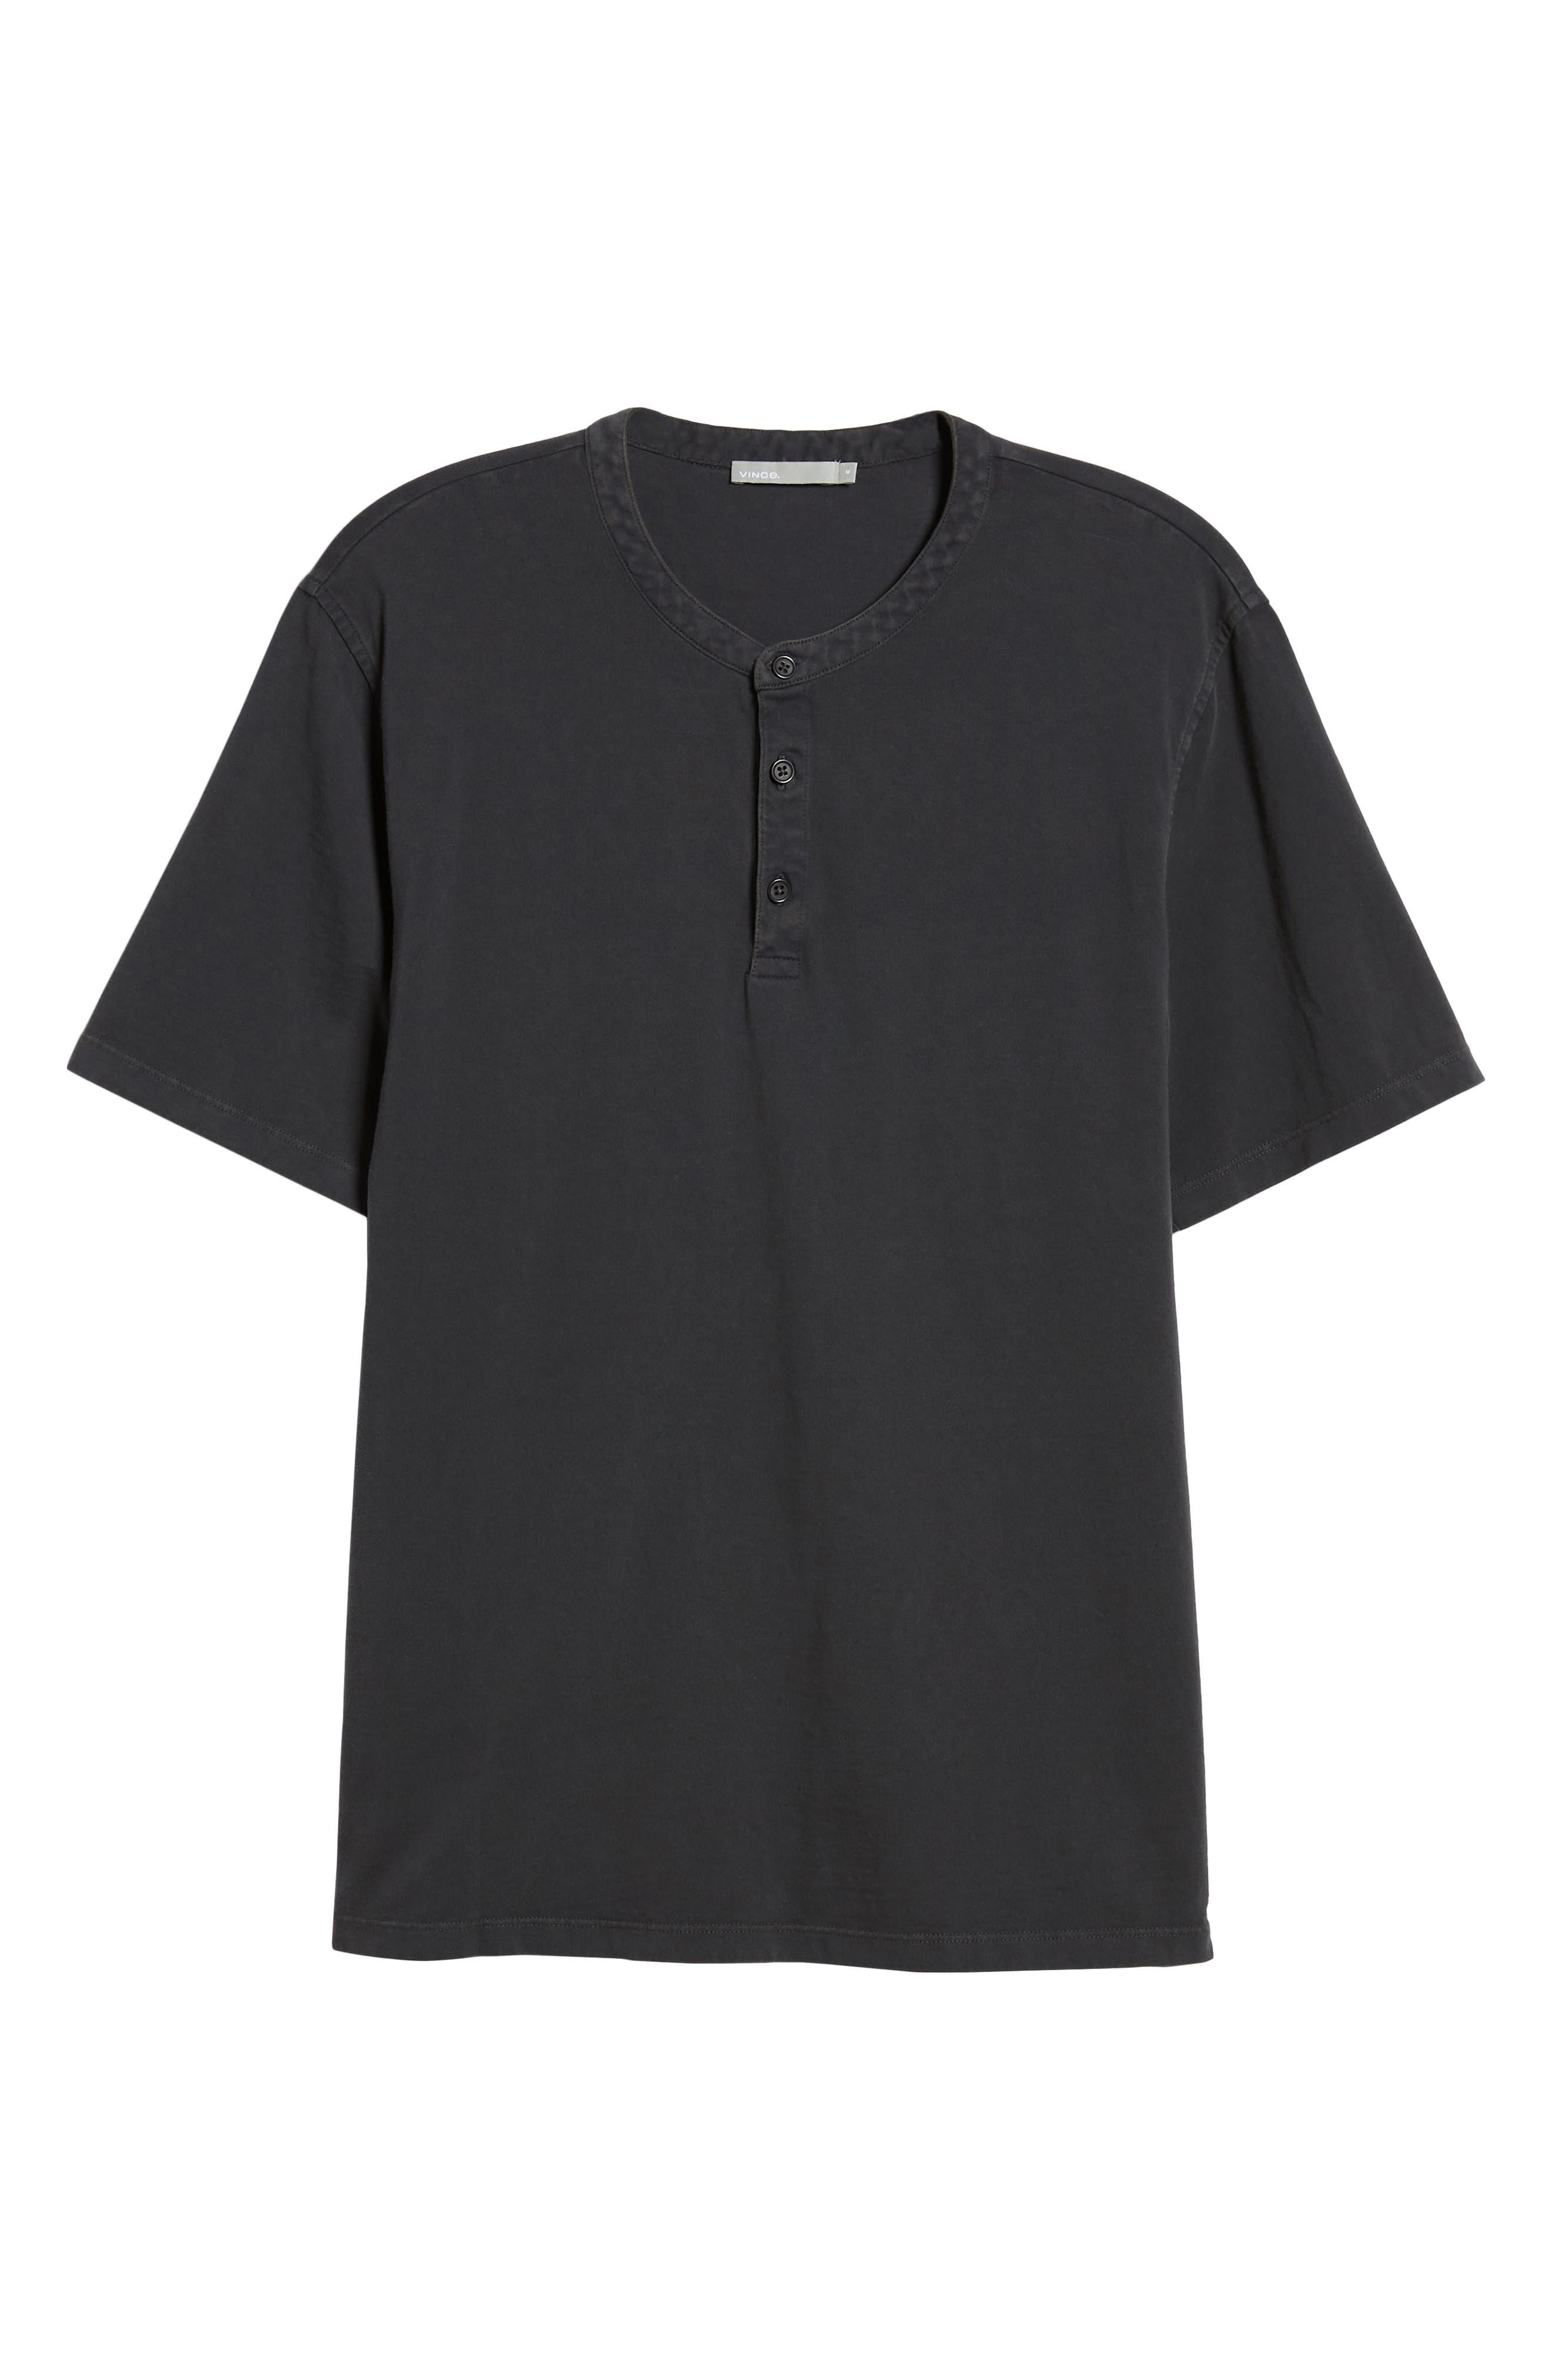 VINCE,                             Regular Fit Garment Dye Short Sleeve Henley,                             Alternate thumbnail 6, color,                             001